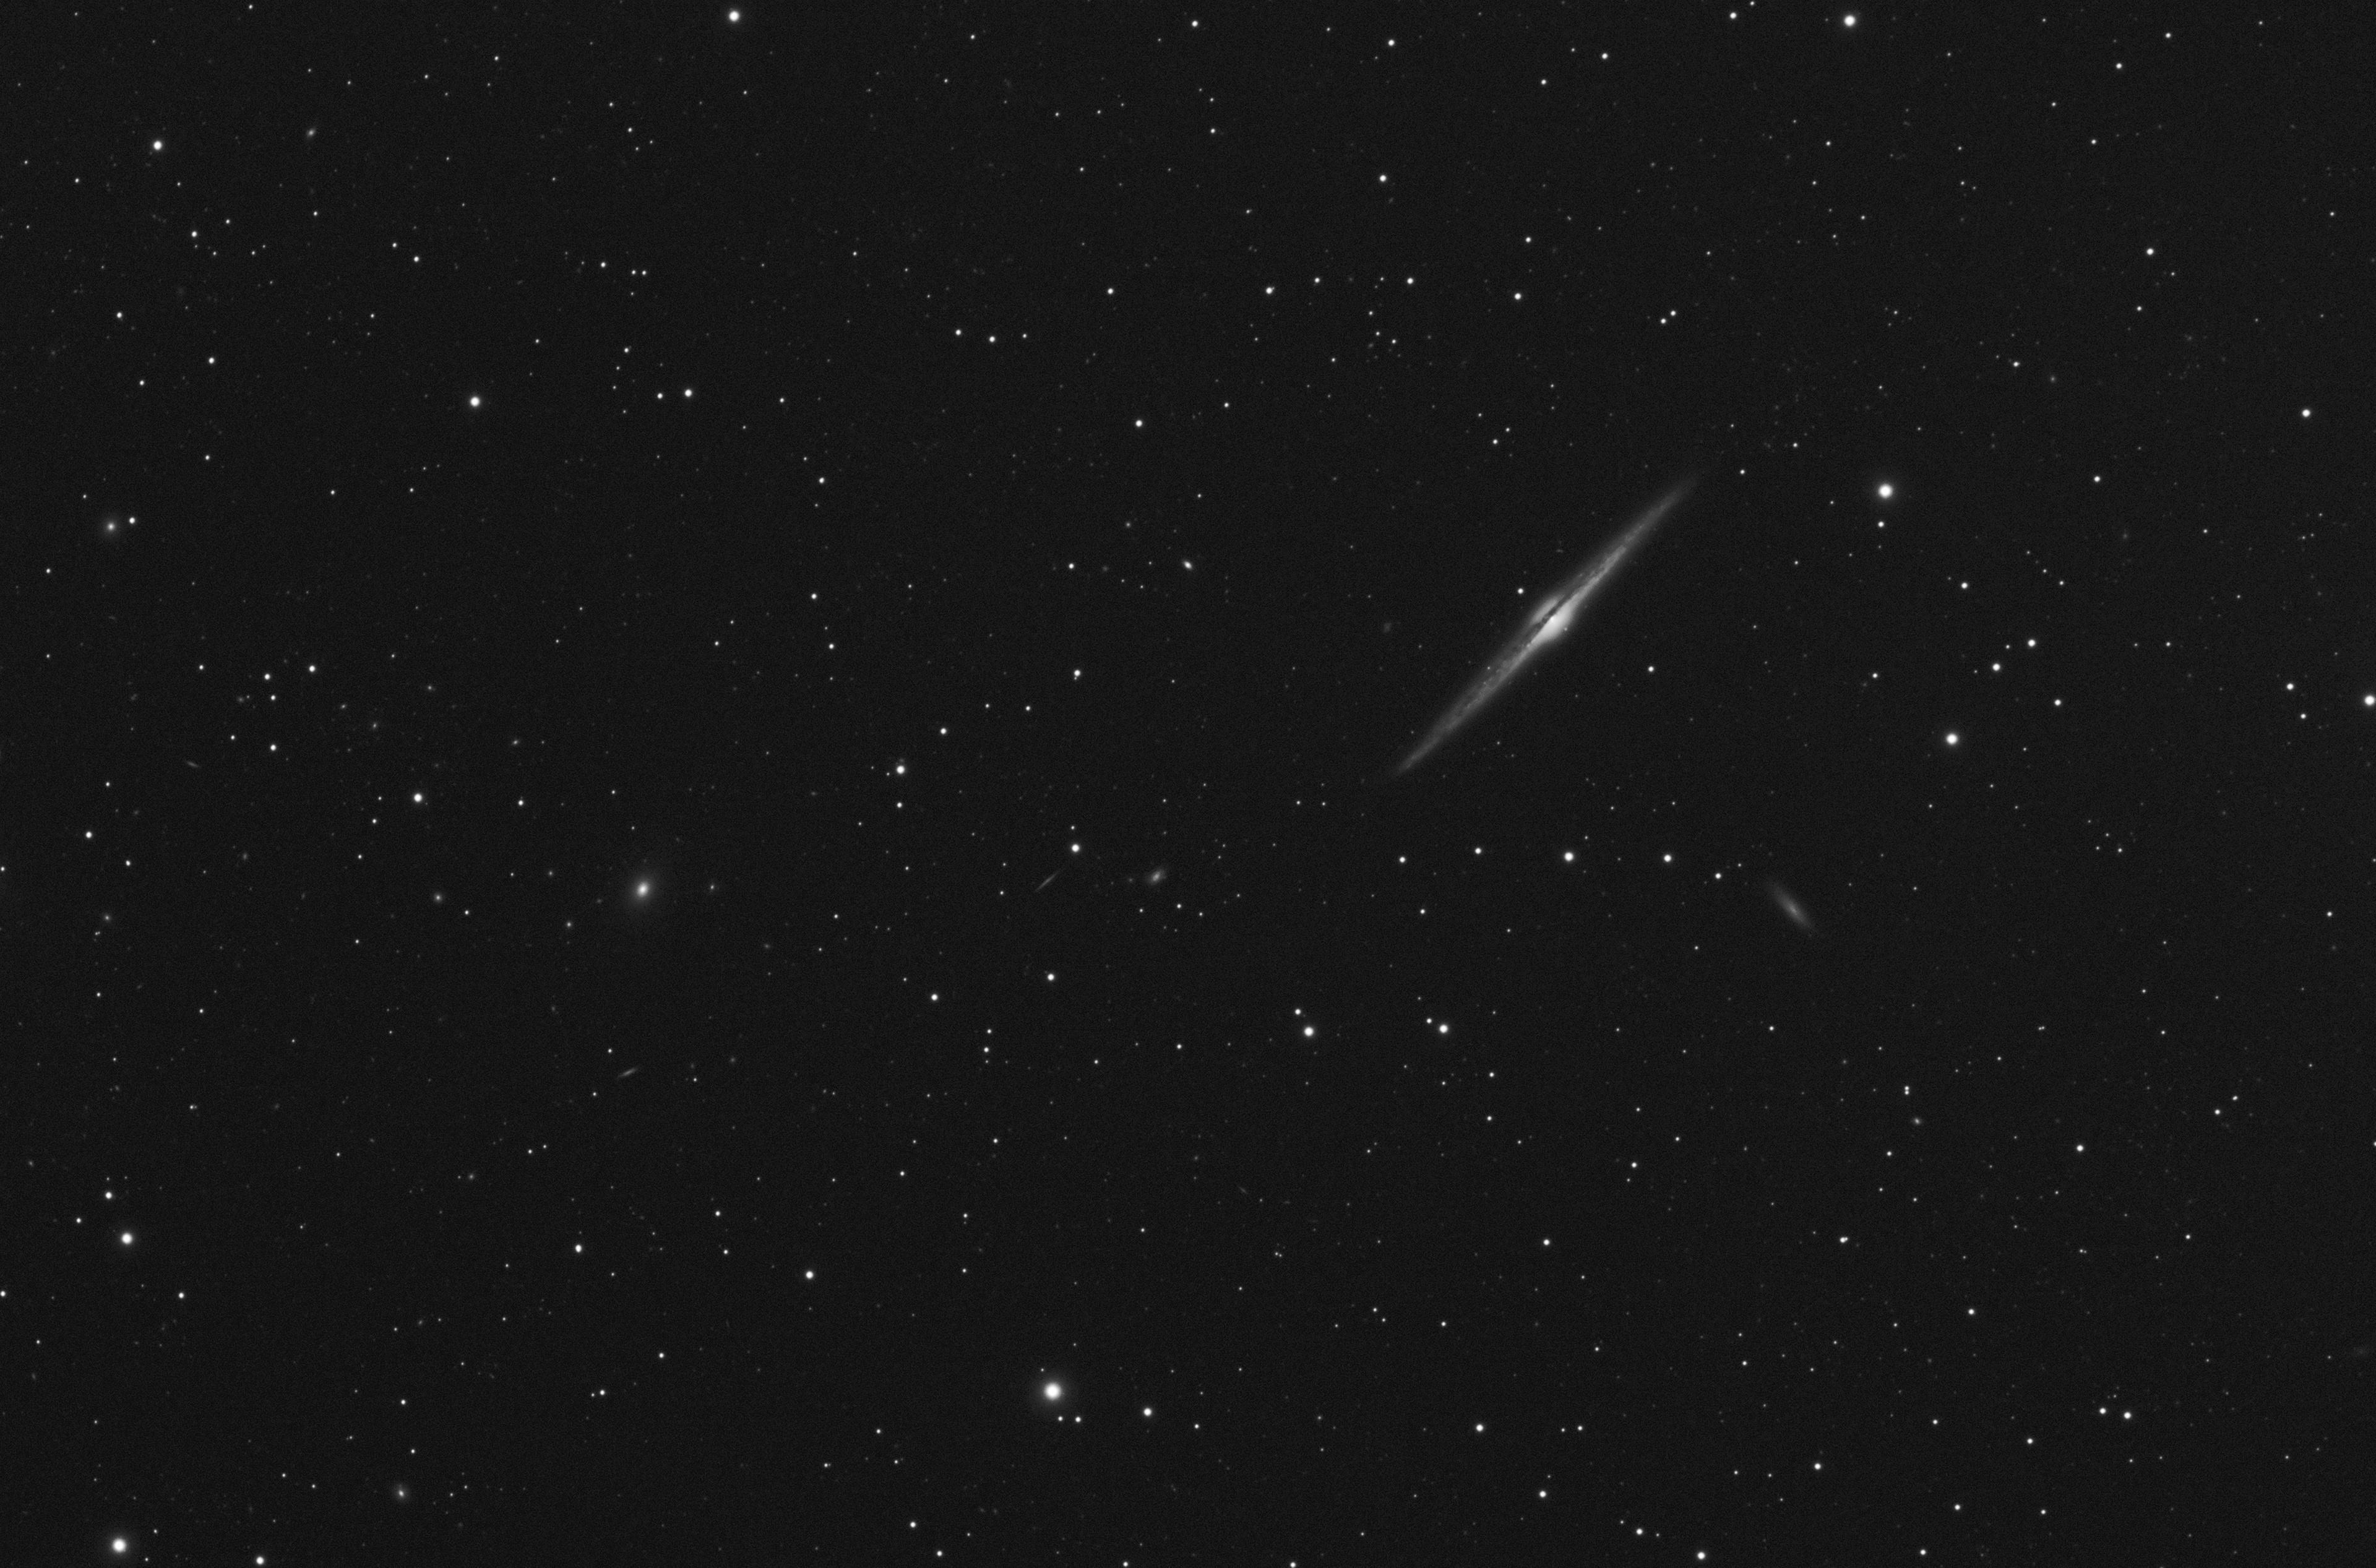 NGC4565_FSQ106_F5_Altair183ProTec-15_13x120s.jpg